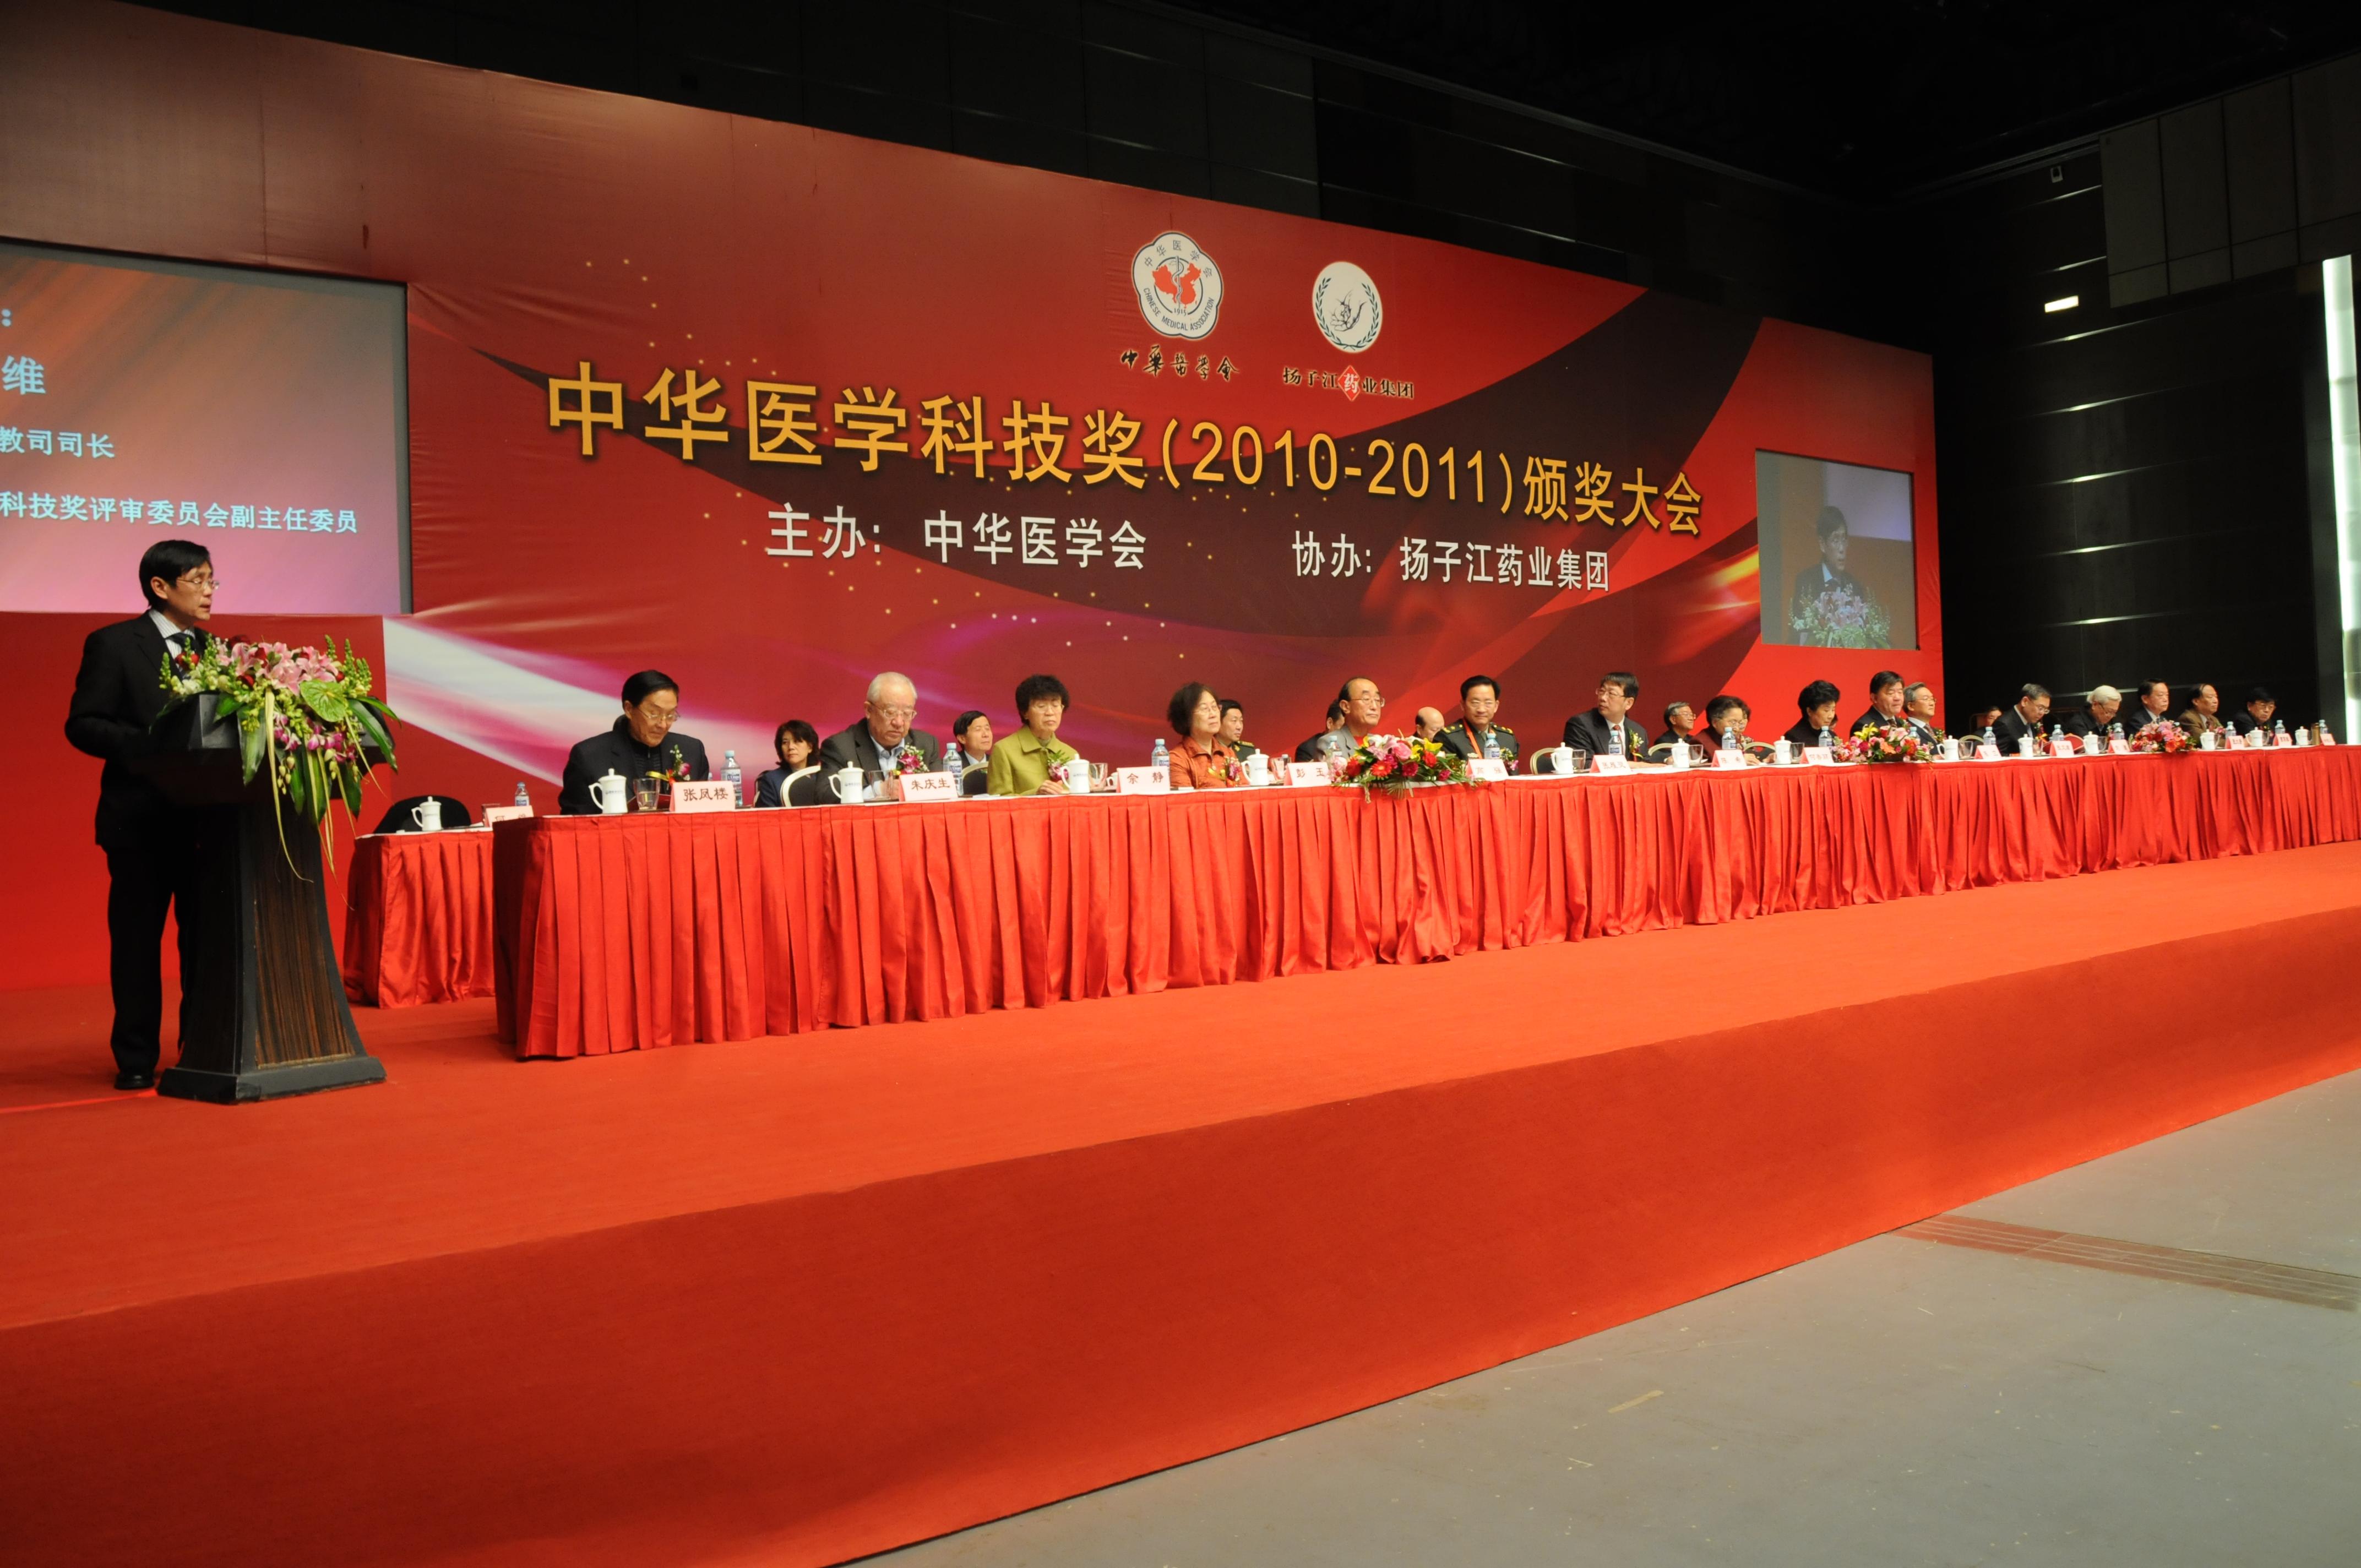 中华医学科技奖颁奖大会在北京隆重举行 陈竺部长出席并讲话